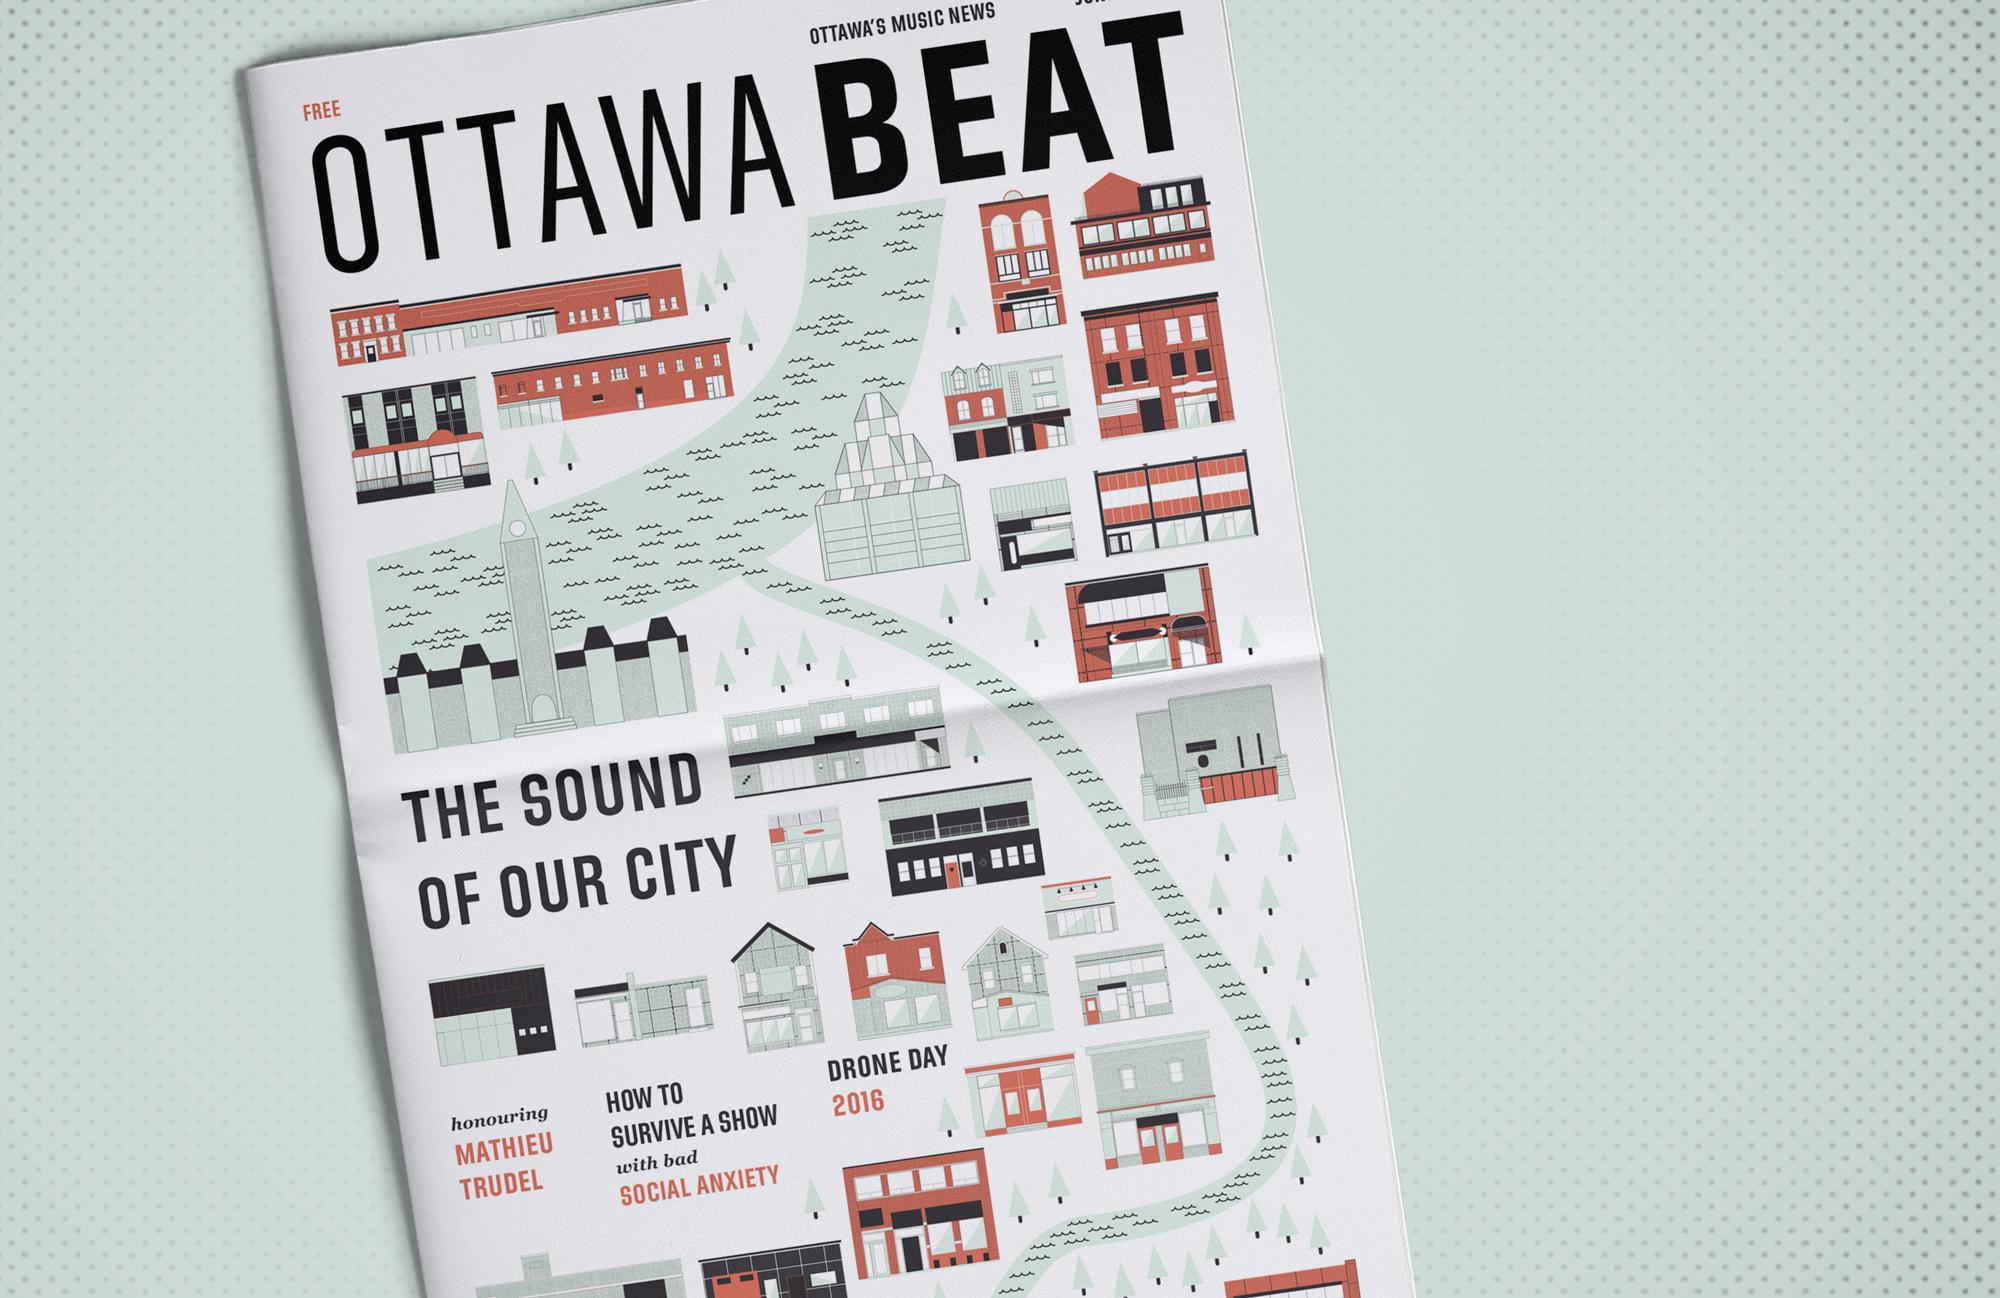 Ottawa Beat